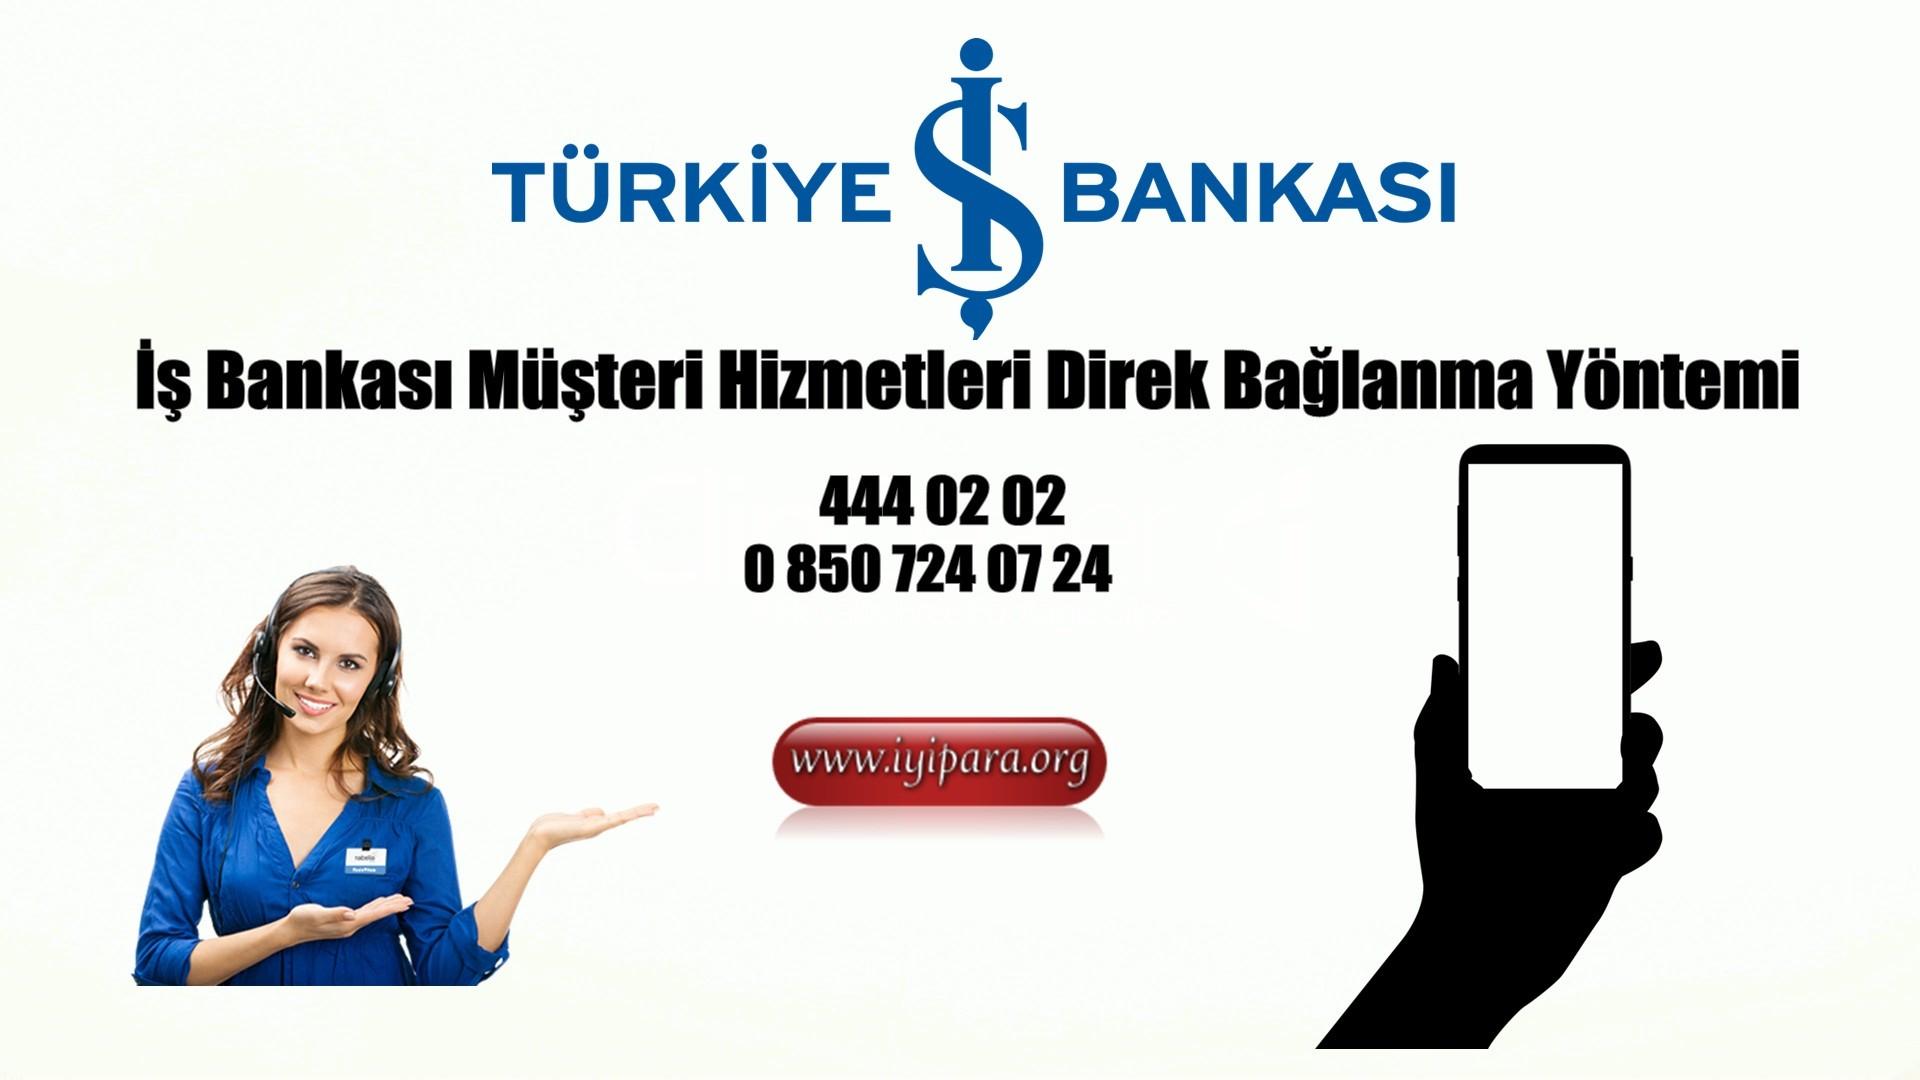 İş Bankası Müşteri Hizmetlerine Direk Bağlanma